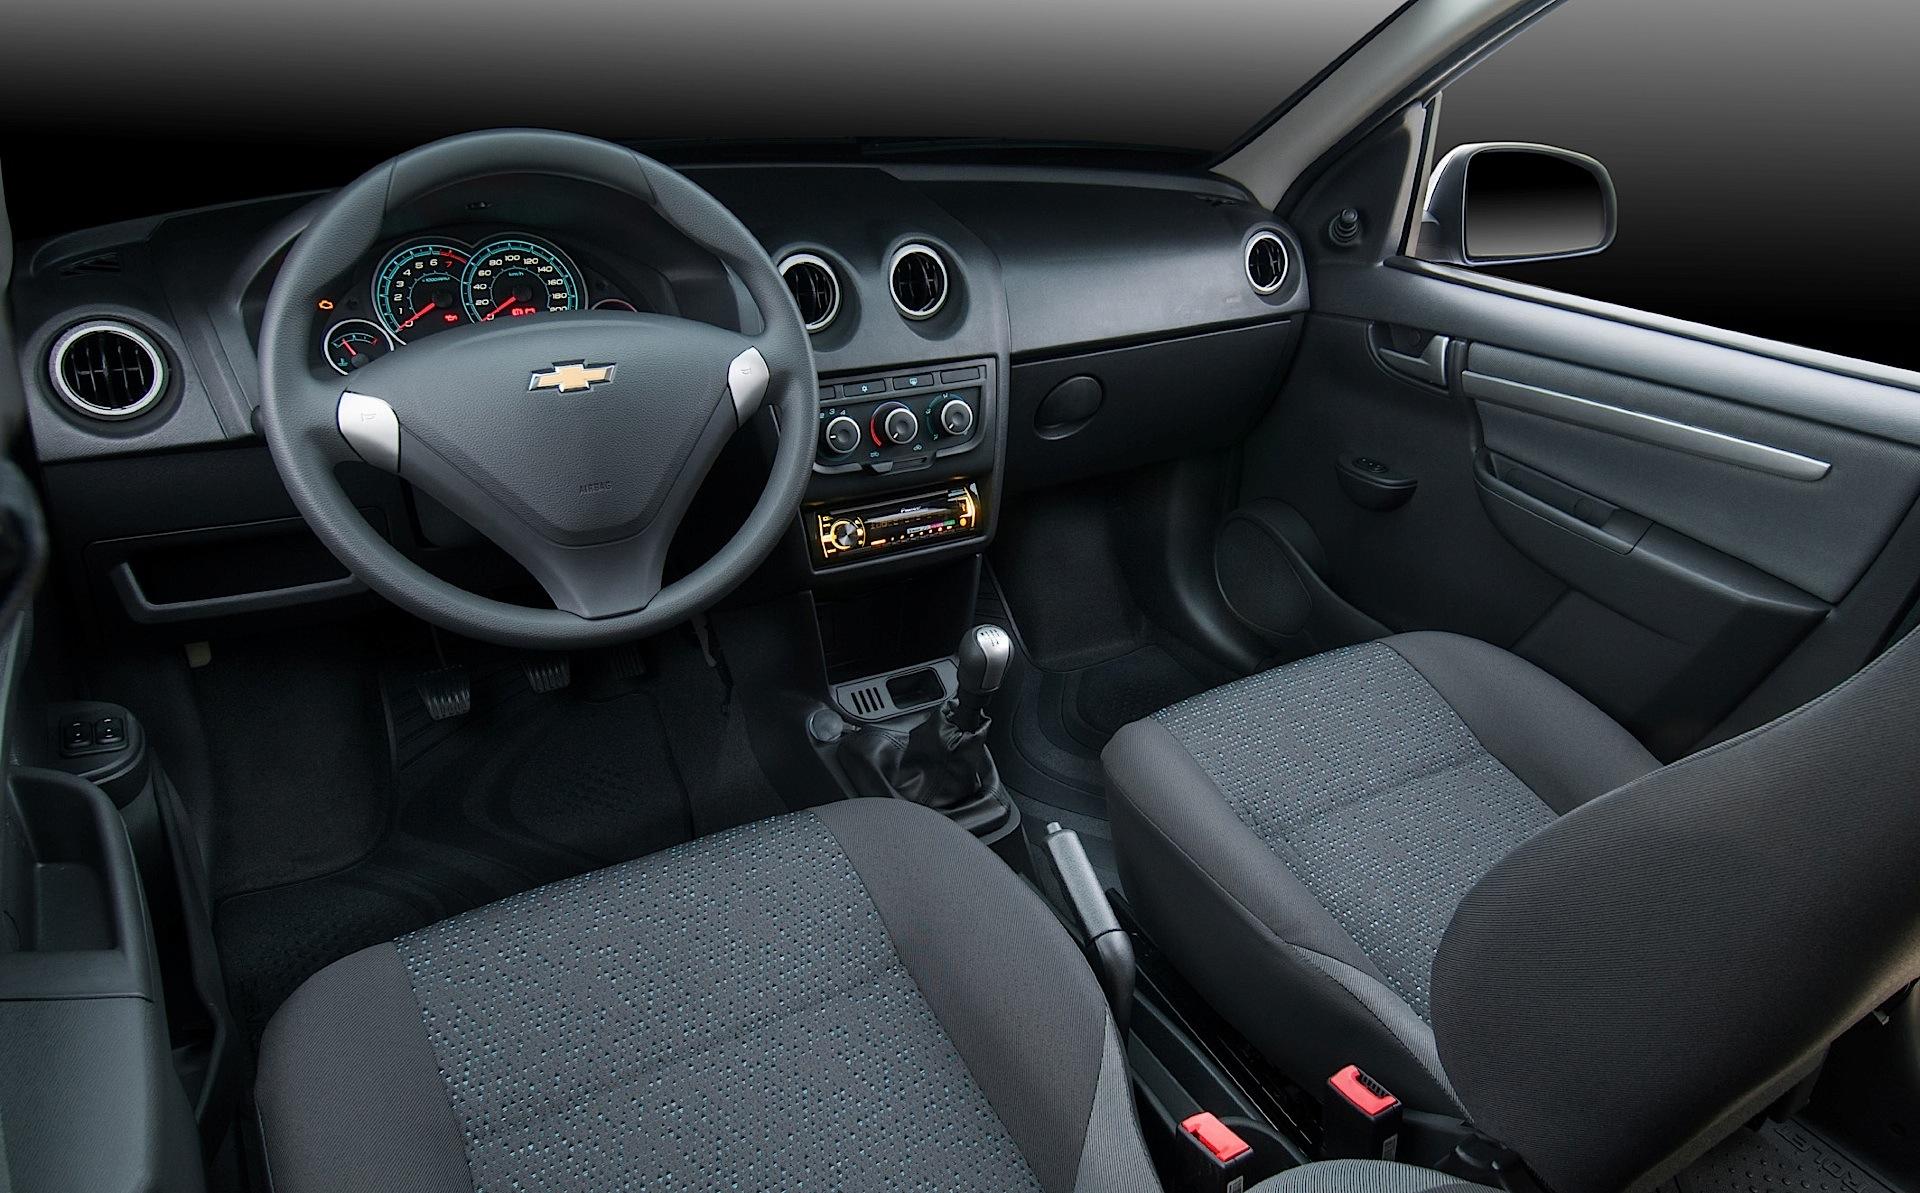 CHEVROLET Celta - 3 doors - 2000, 2001, 2002, 2003, 2004 ...